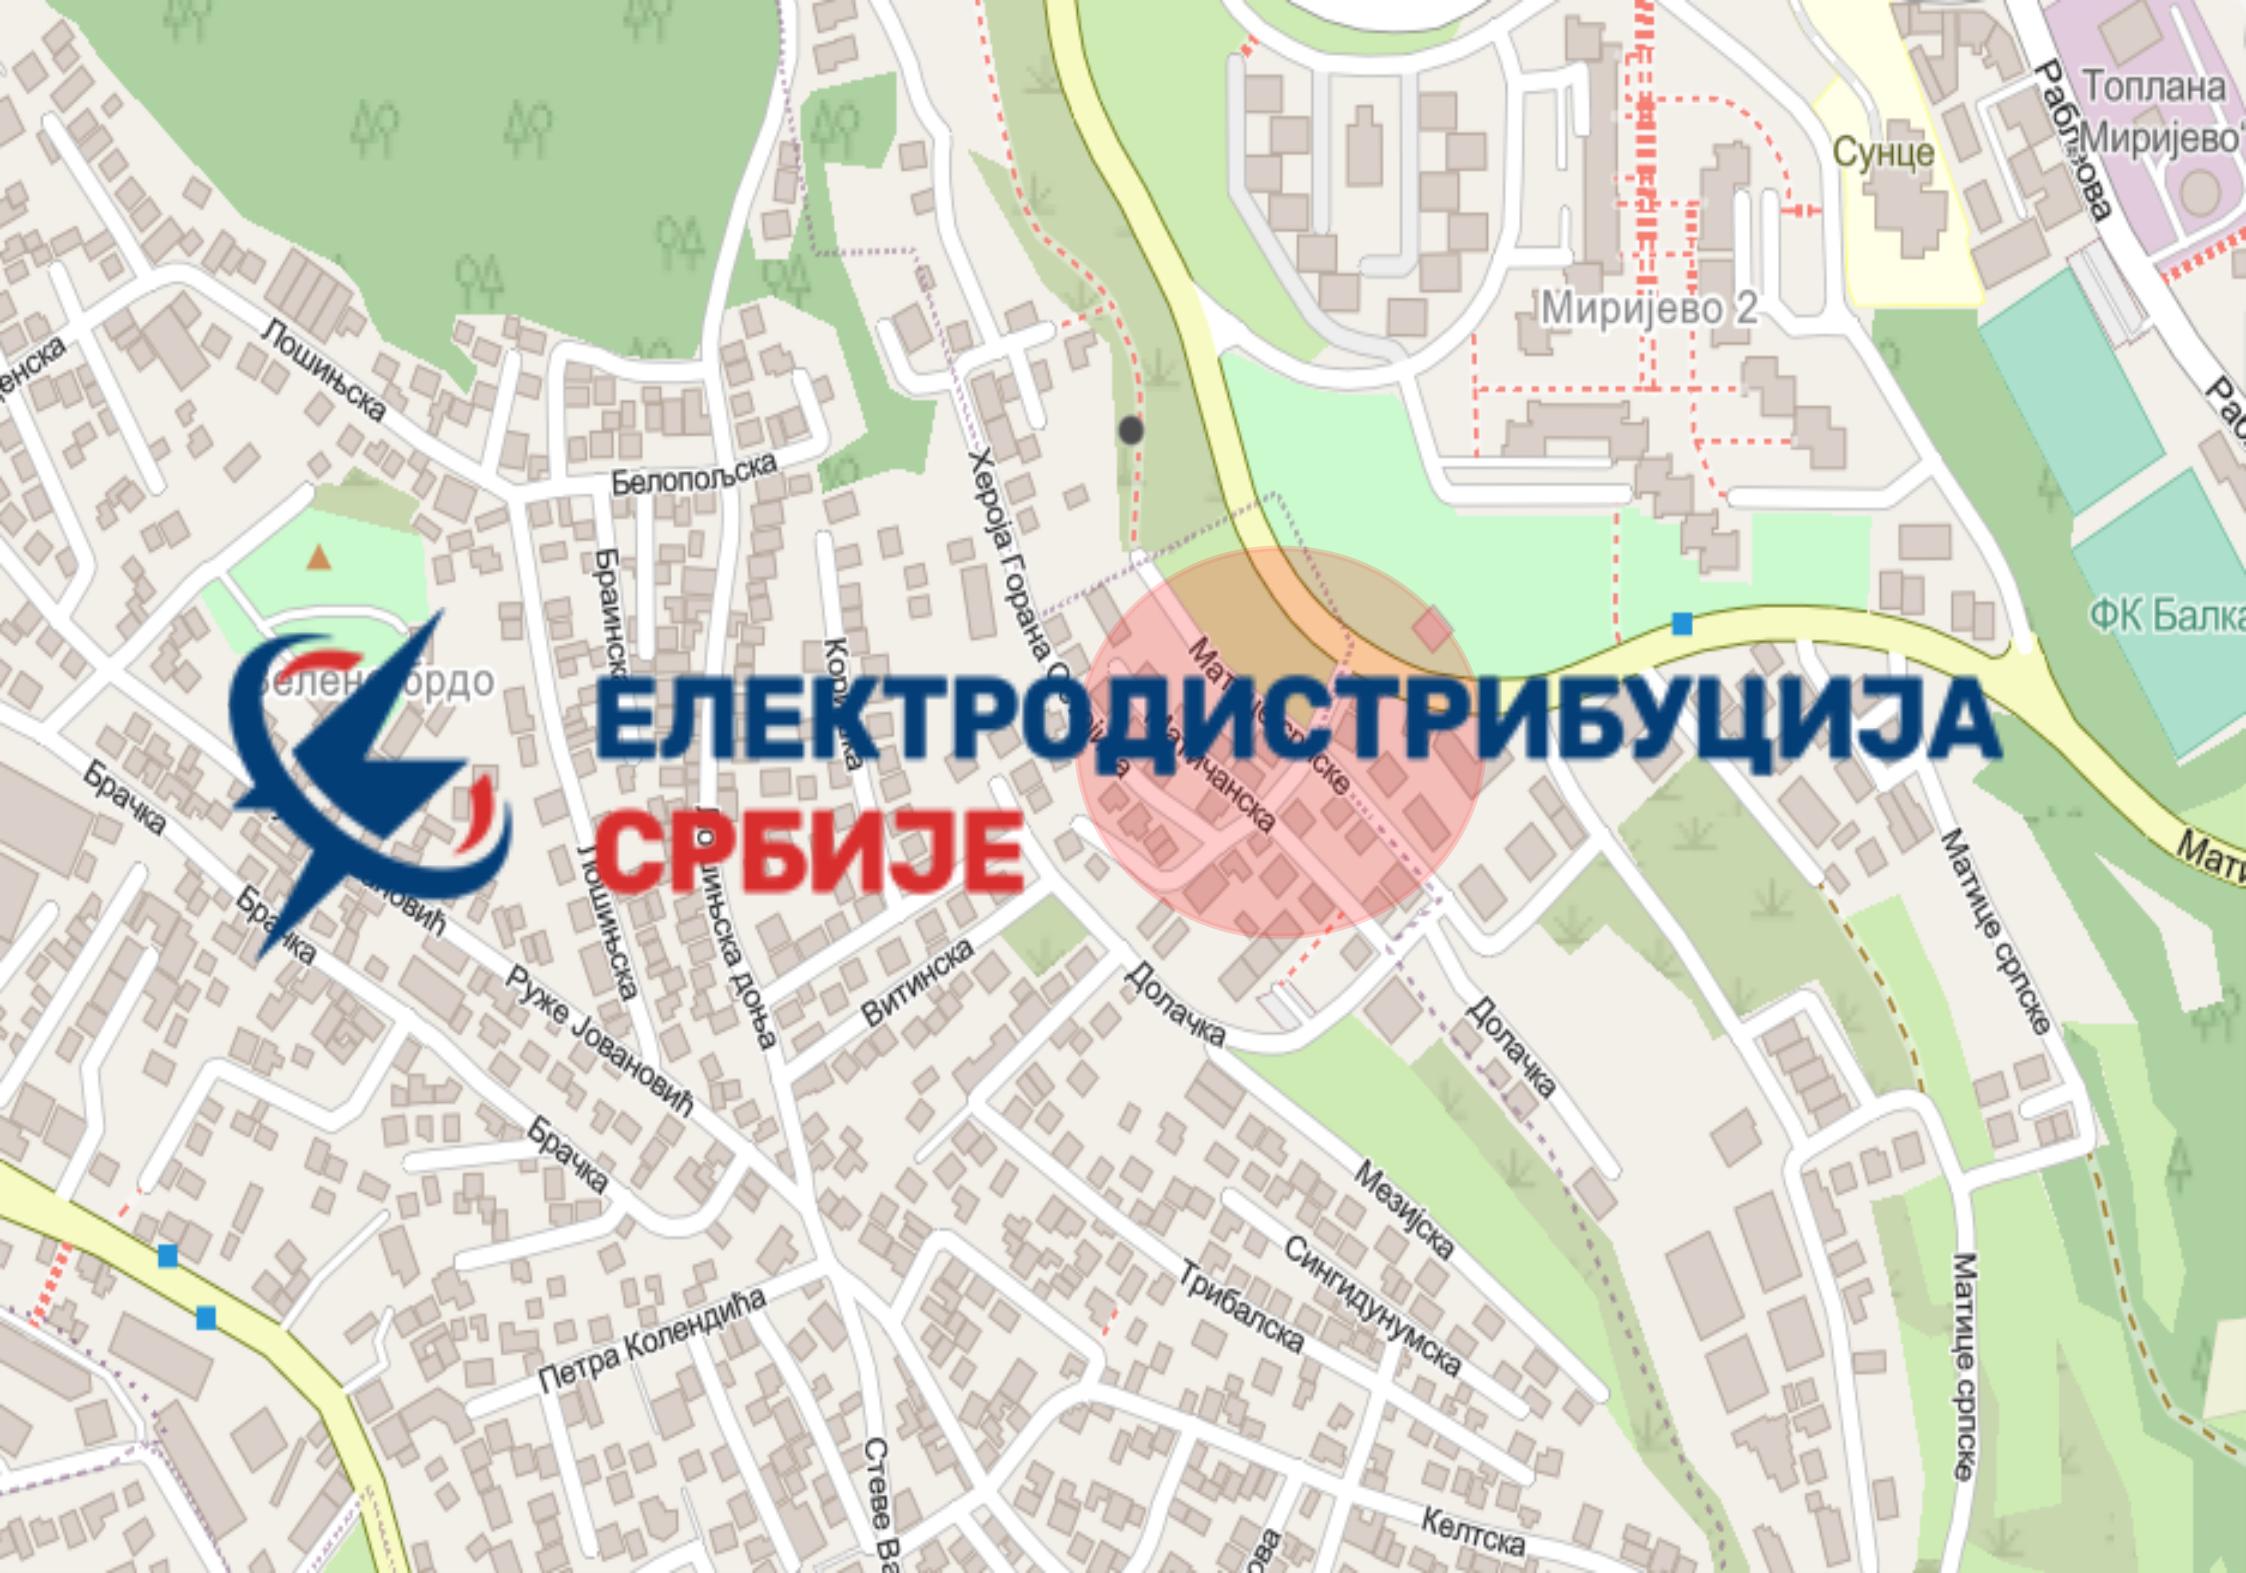 Радови под саобраћајем у улици Матичанској и Матице Српске